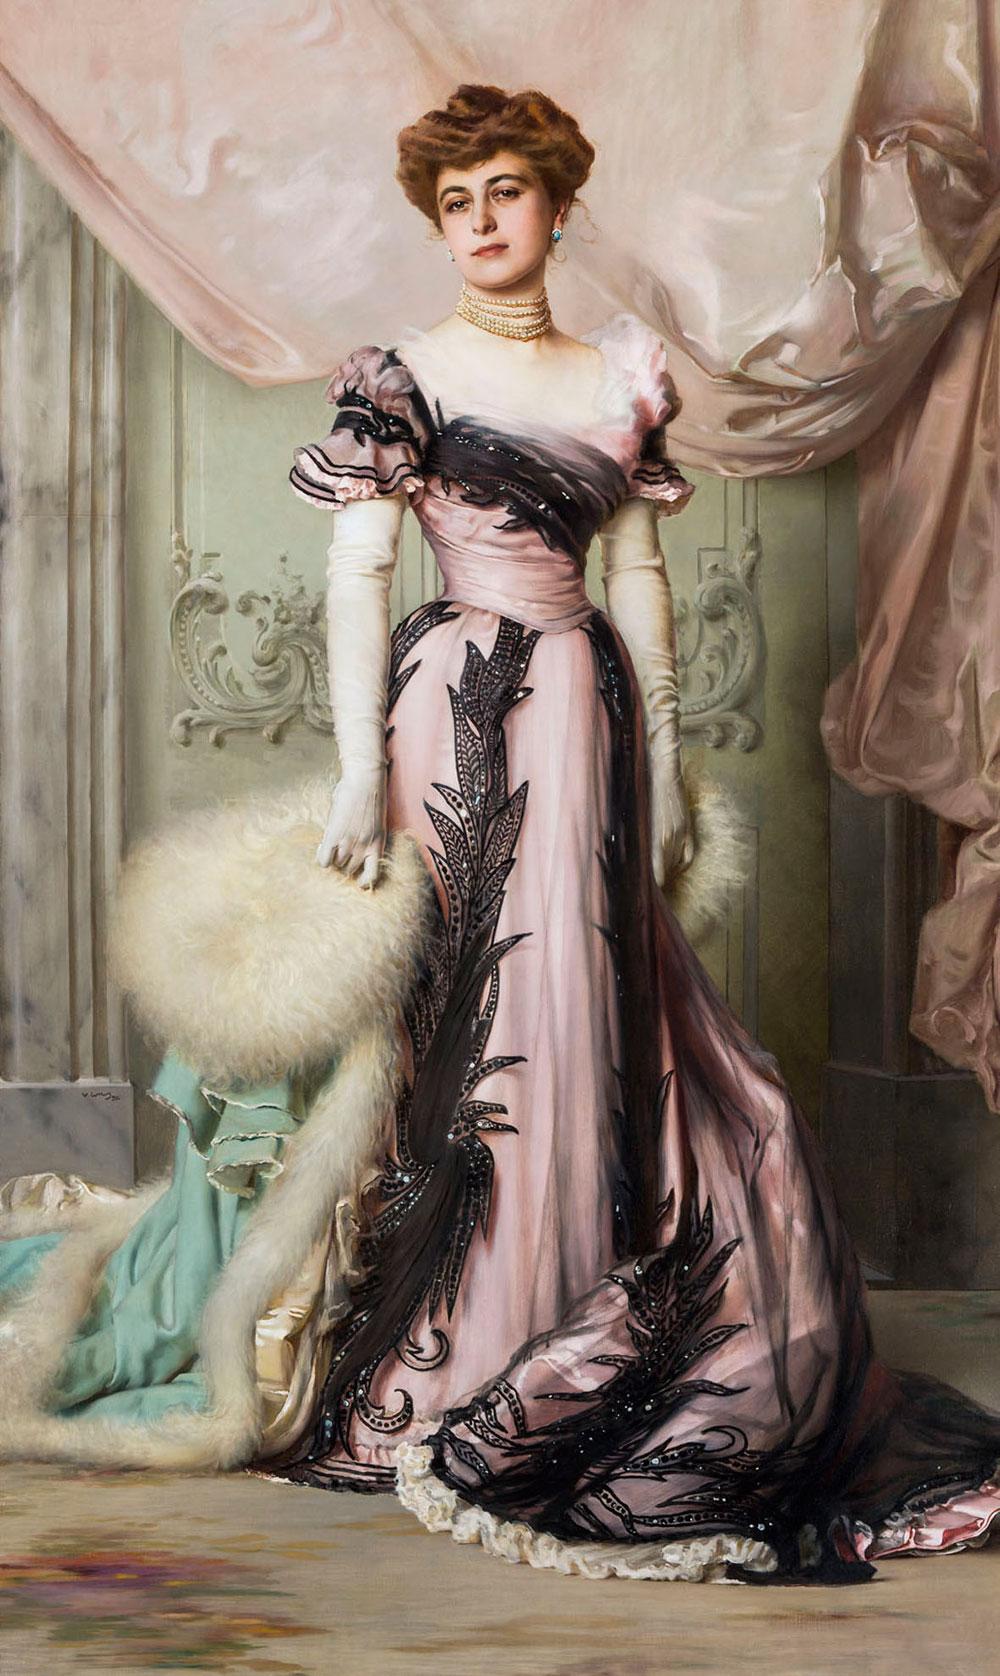 La donna e la moda nel secondo Ottocento: una mostra a Rancate per comprenderne il cambiamento